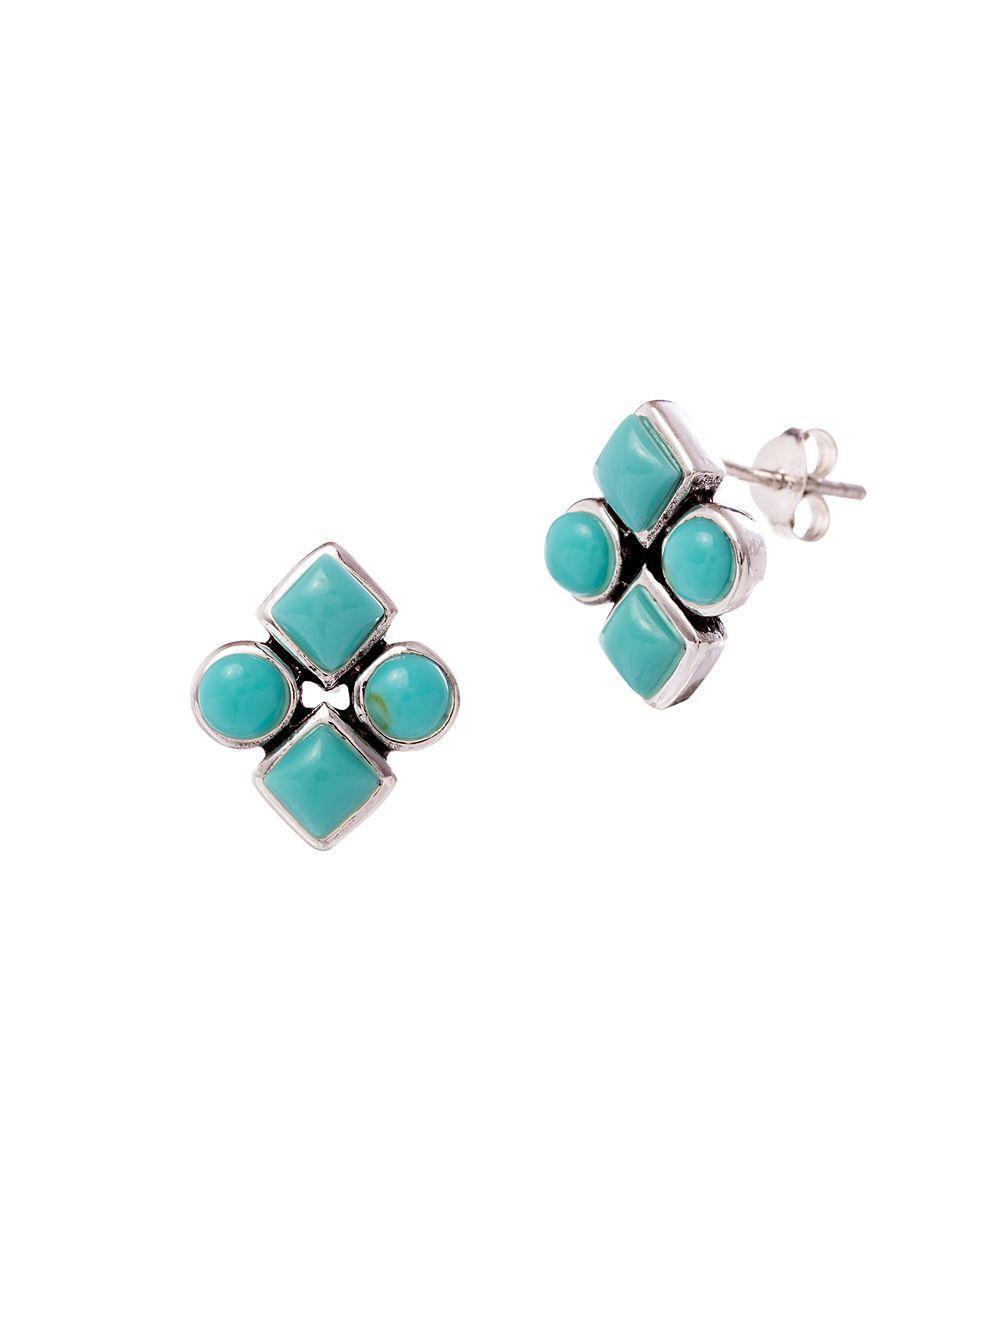 be3457f88 Lord & Taylor. Women's Blue 925 Sterling Silver Diamond-shaped Stud Earrings